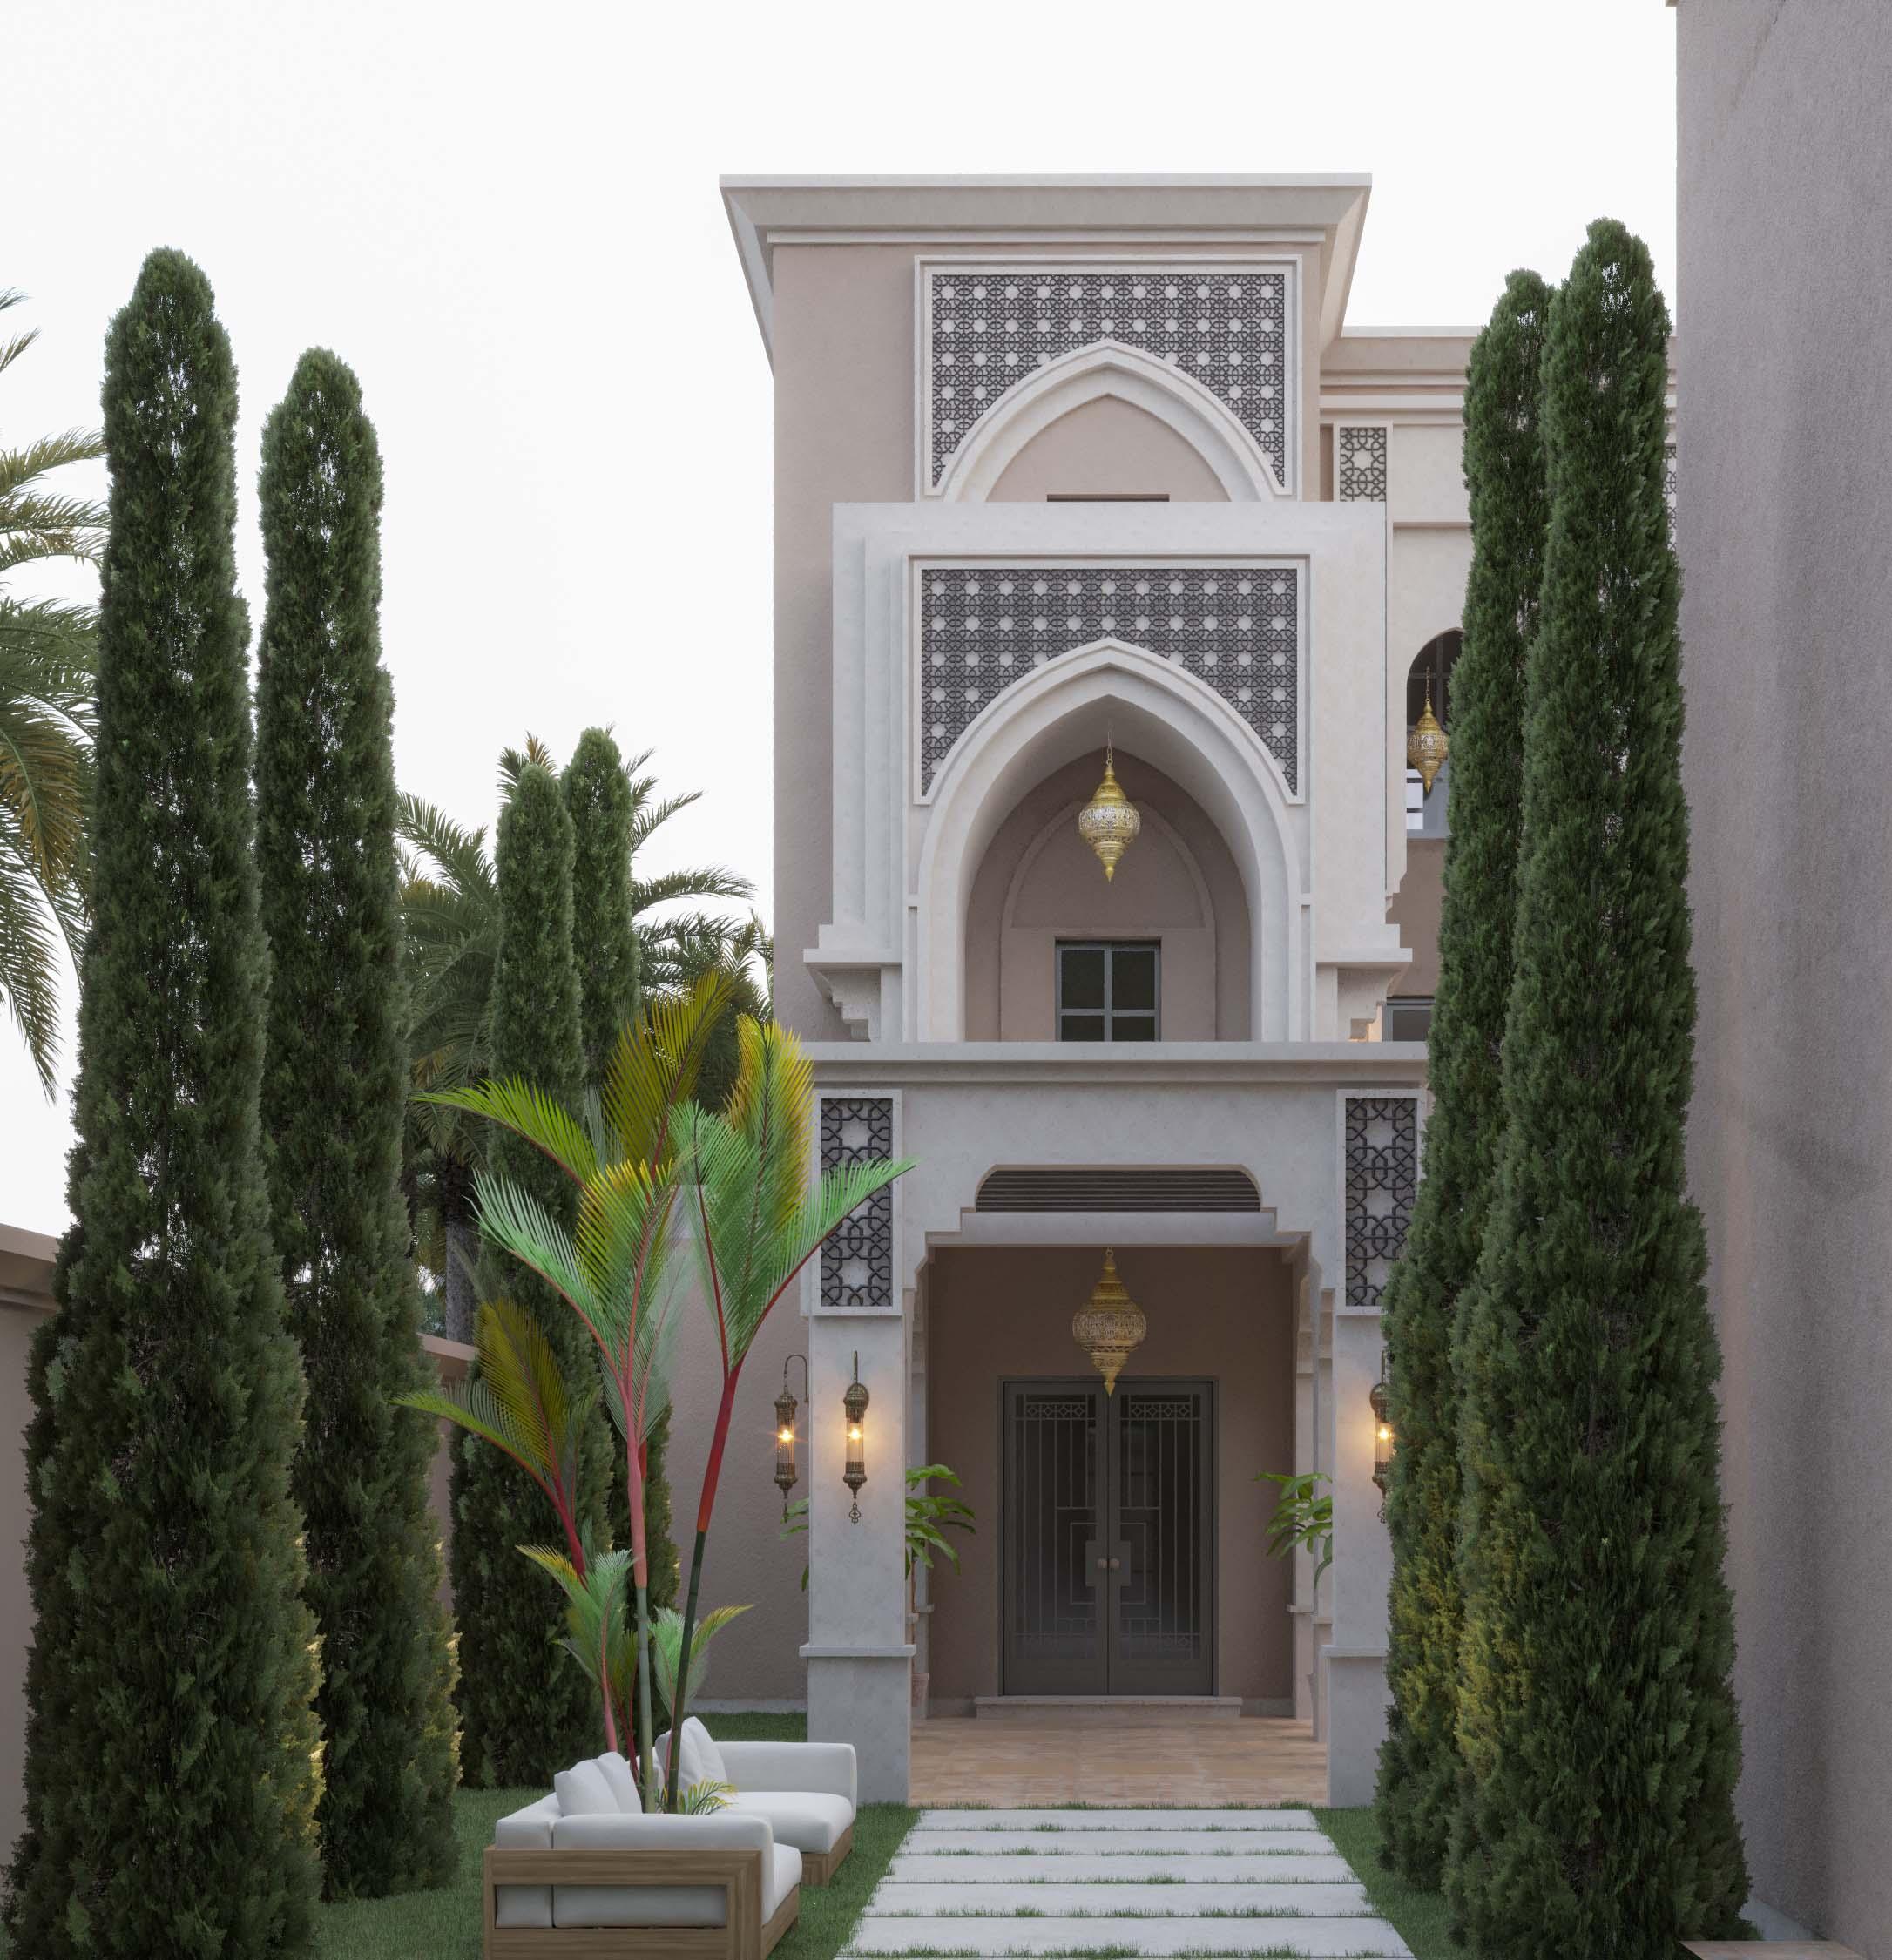 ISLAMIC STYLE VILLA - entrance - garden - sky - floors - path